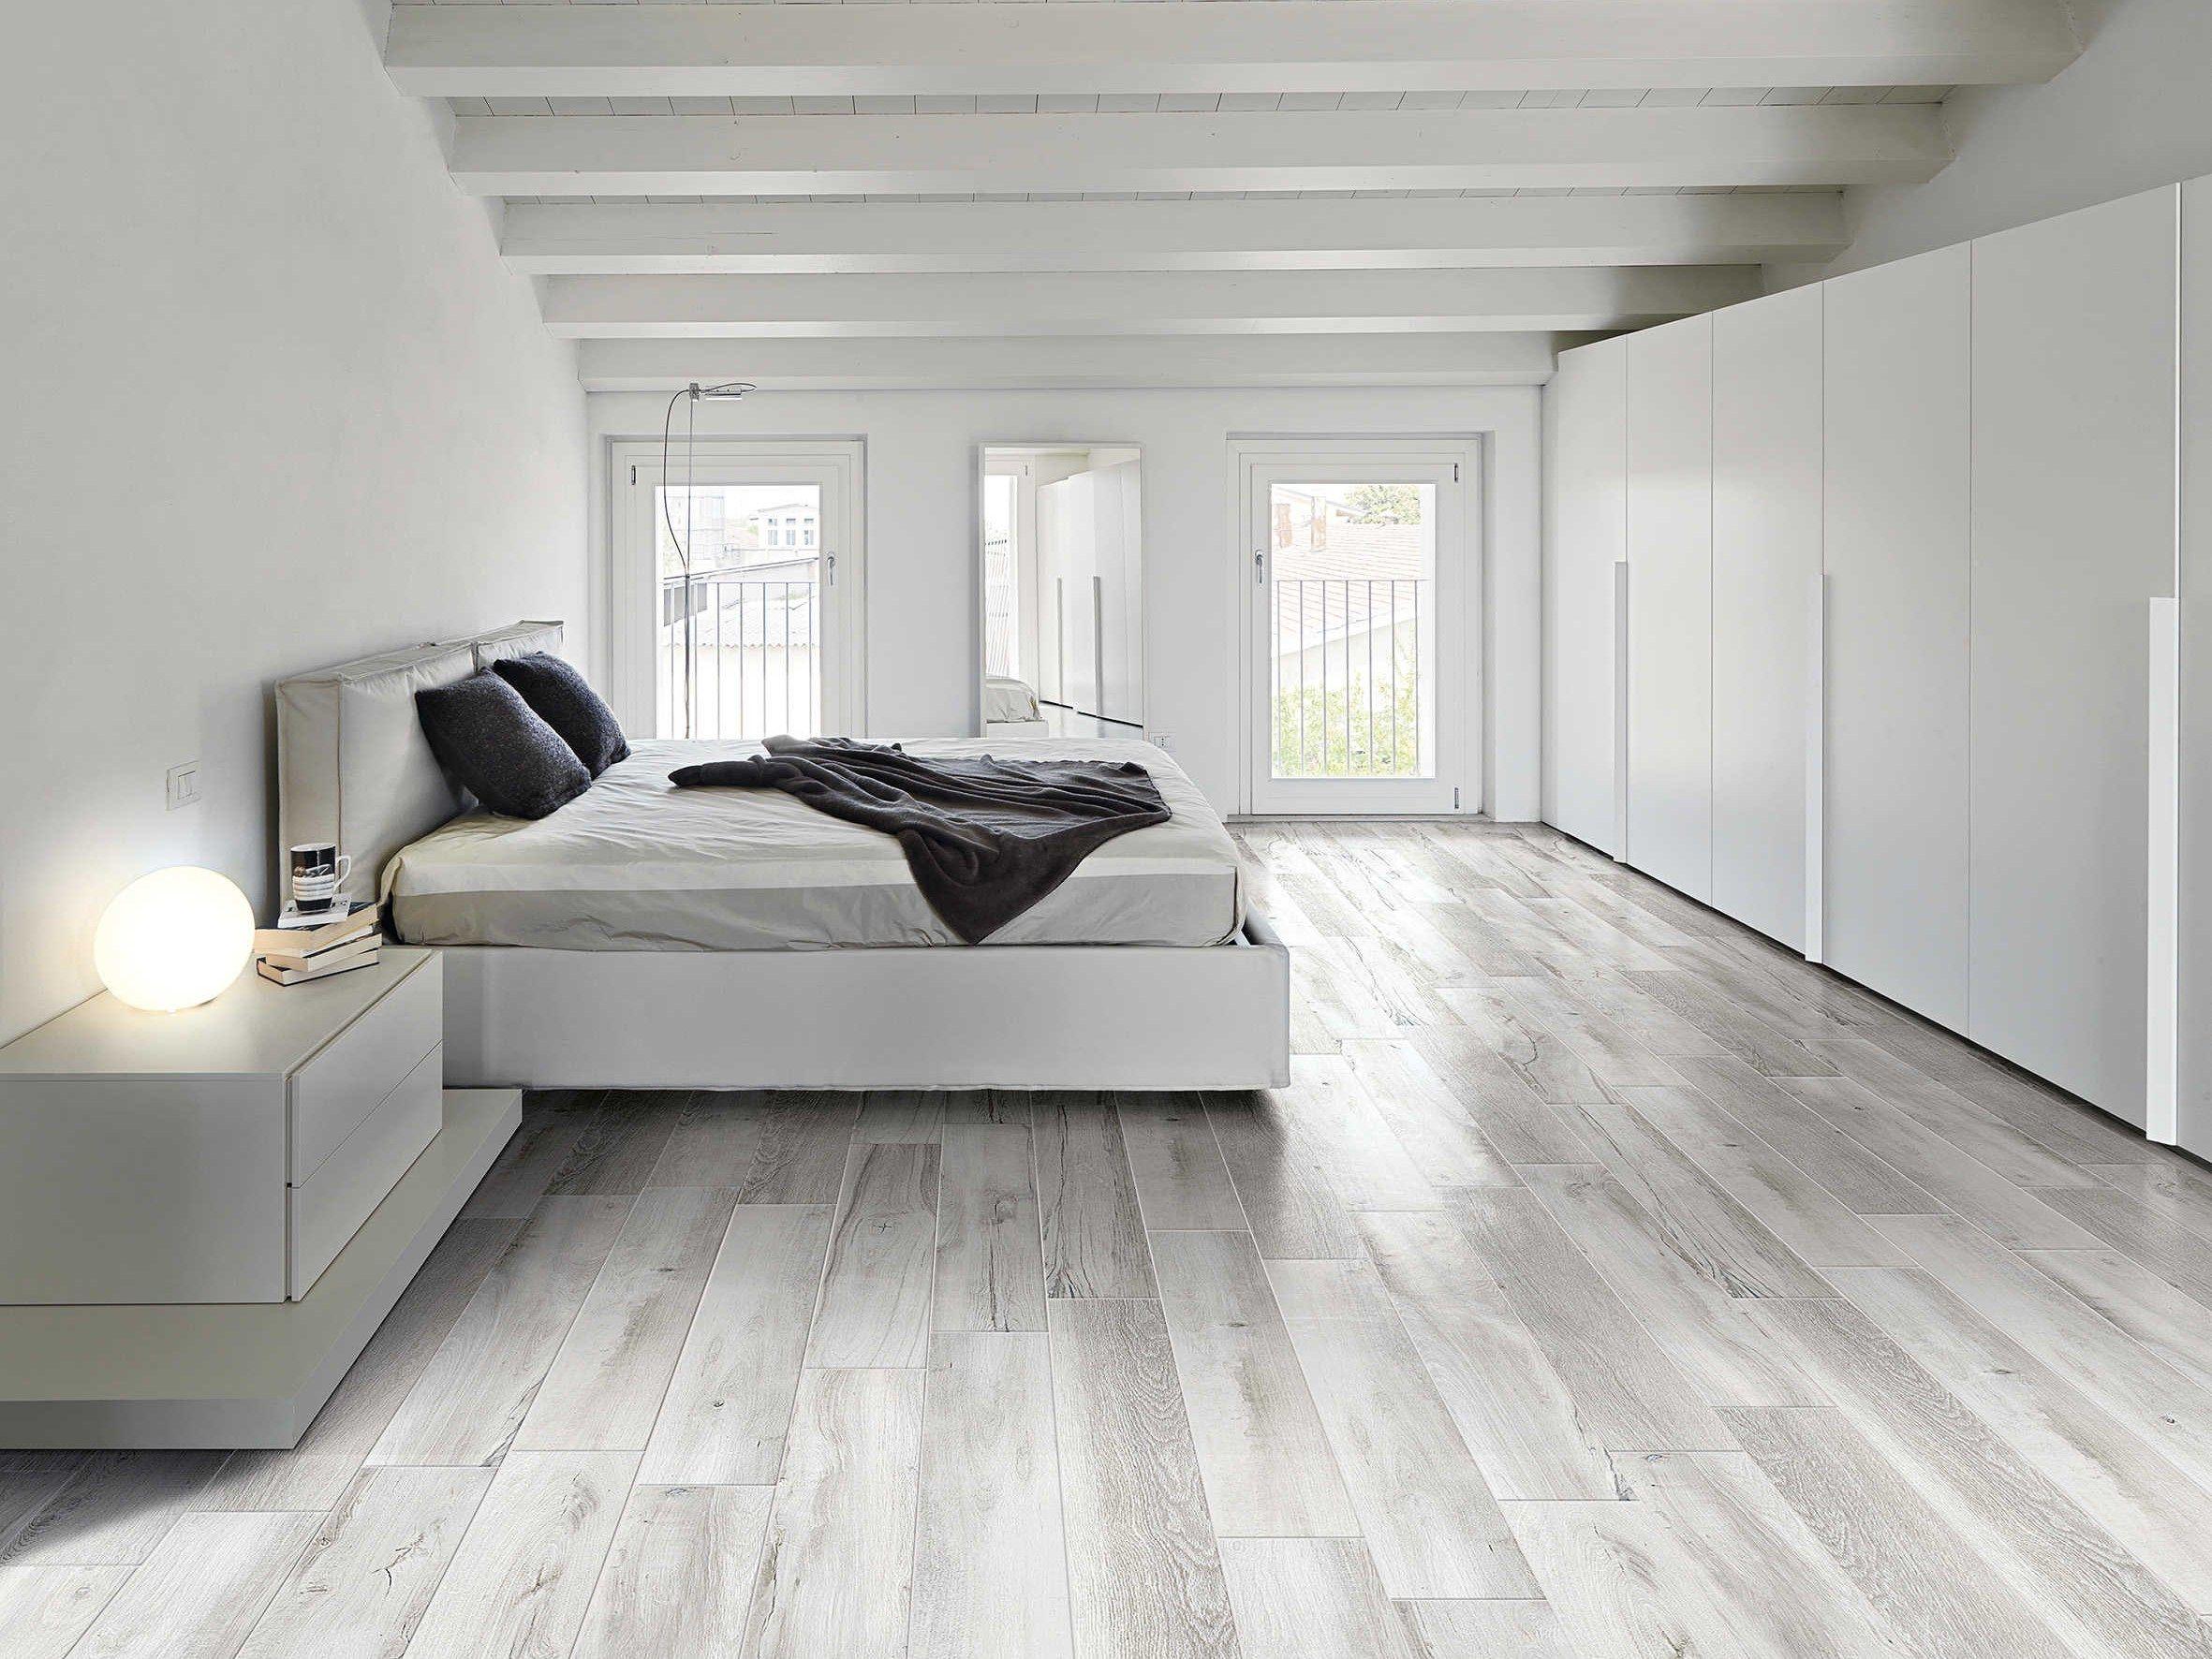 Pavimento in gres porcellanato effetto legno sherwood by for Ceramiche gres porcellanato